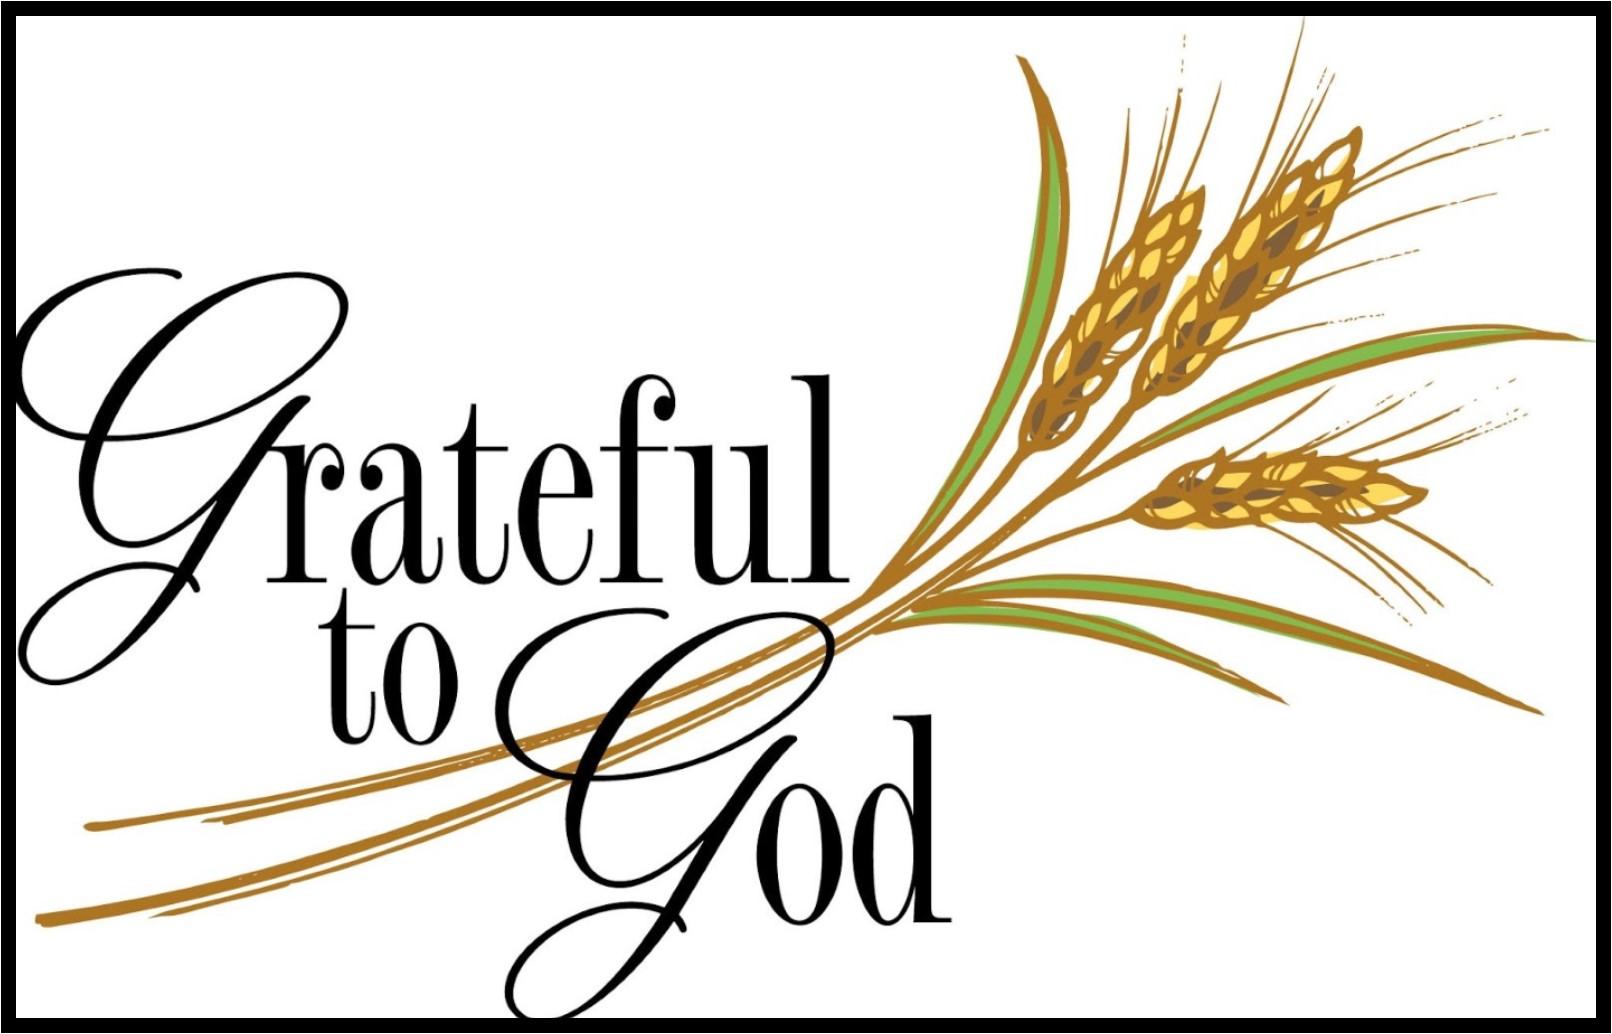 Grateful to god